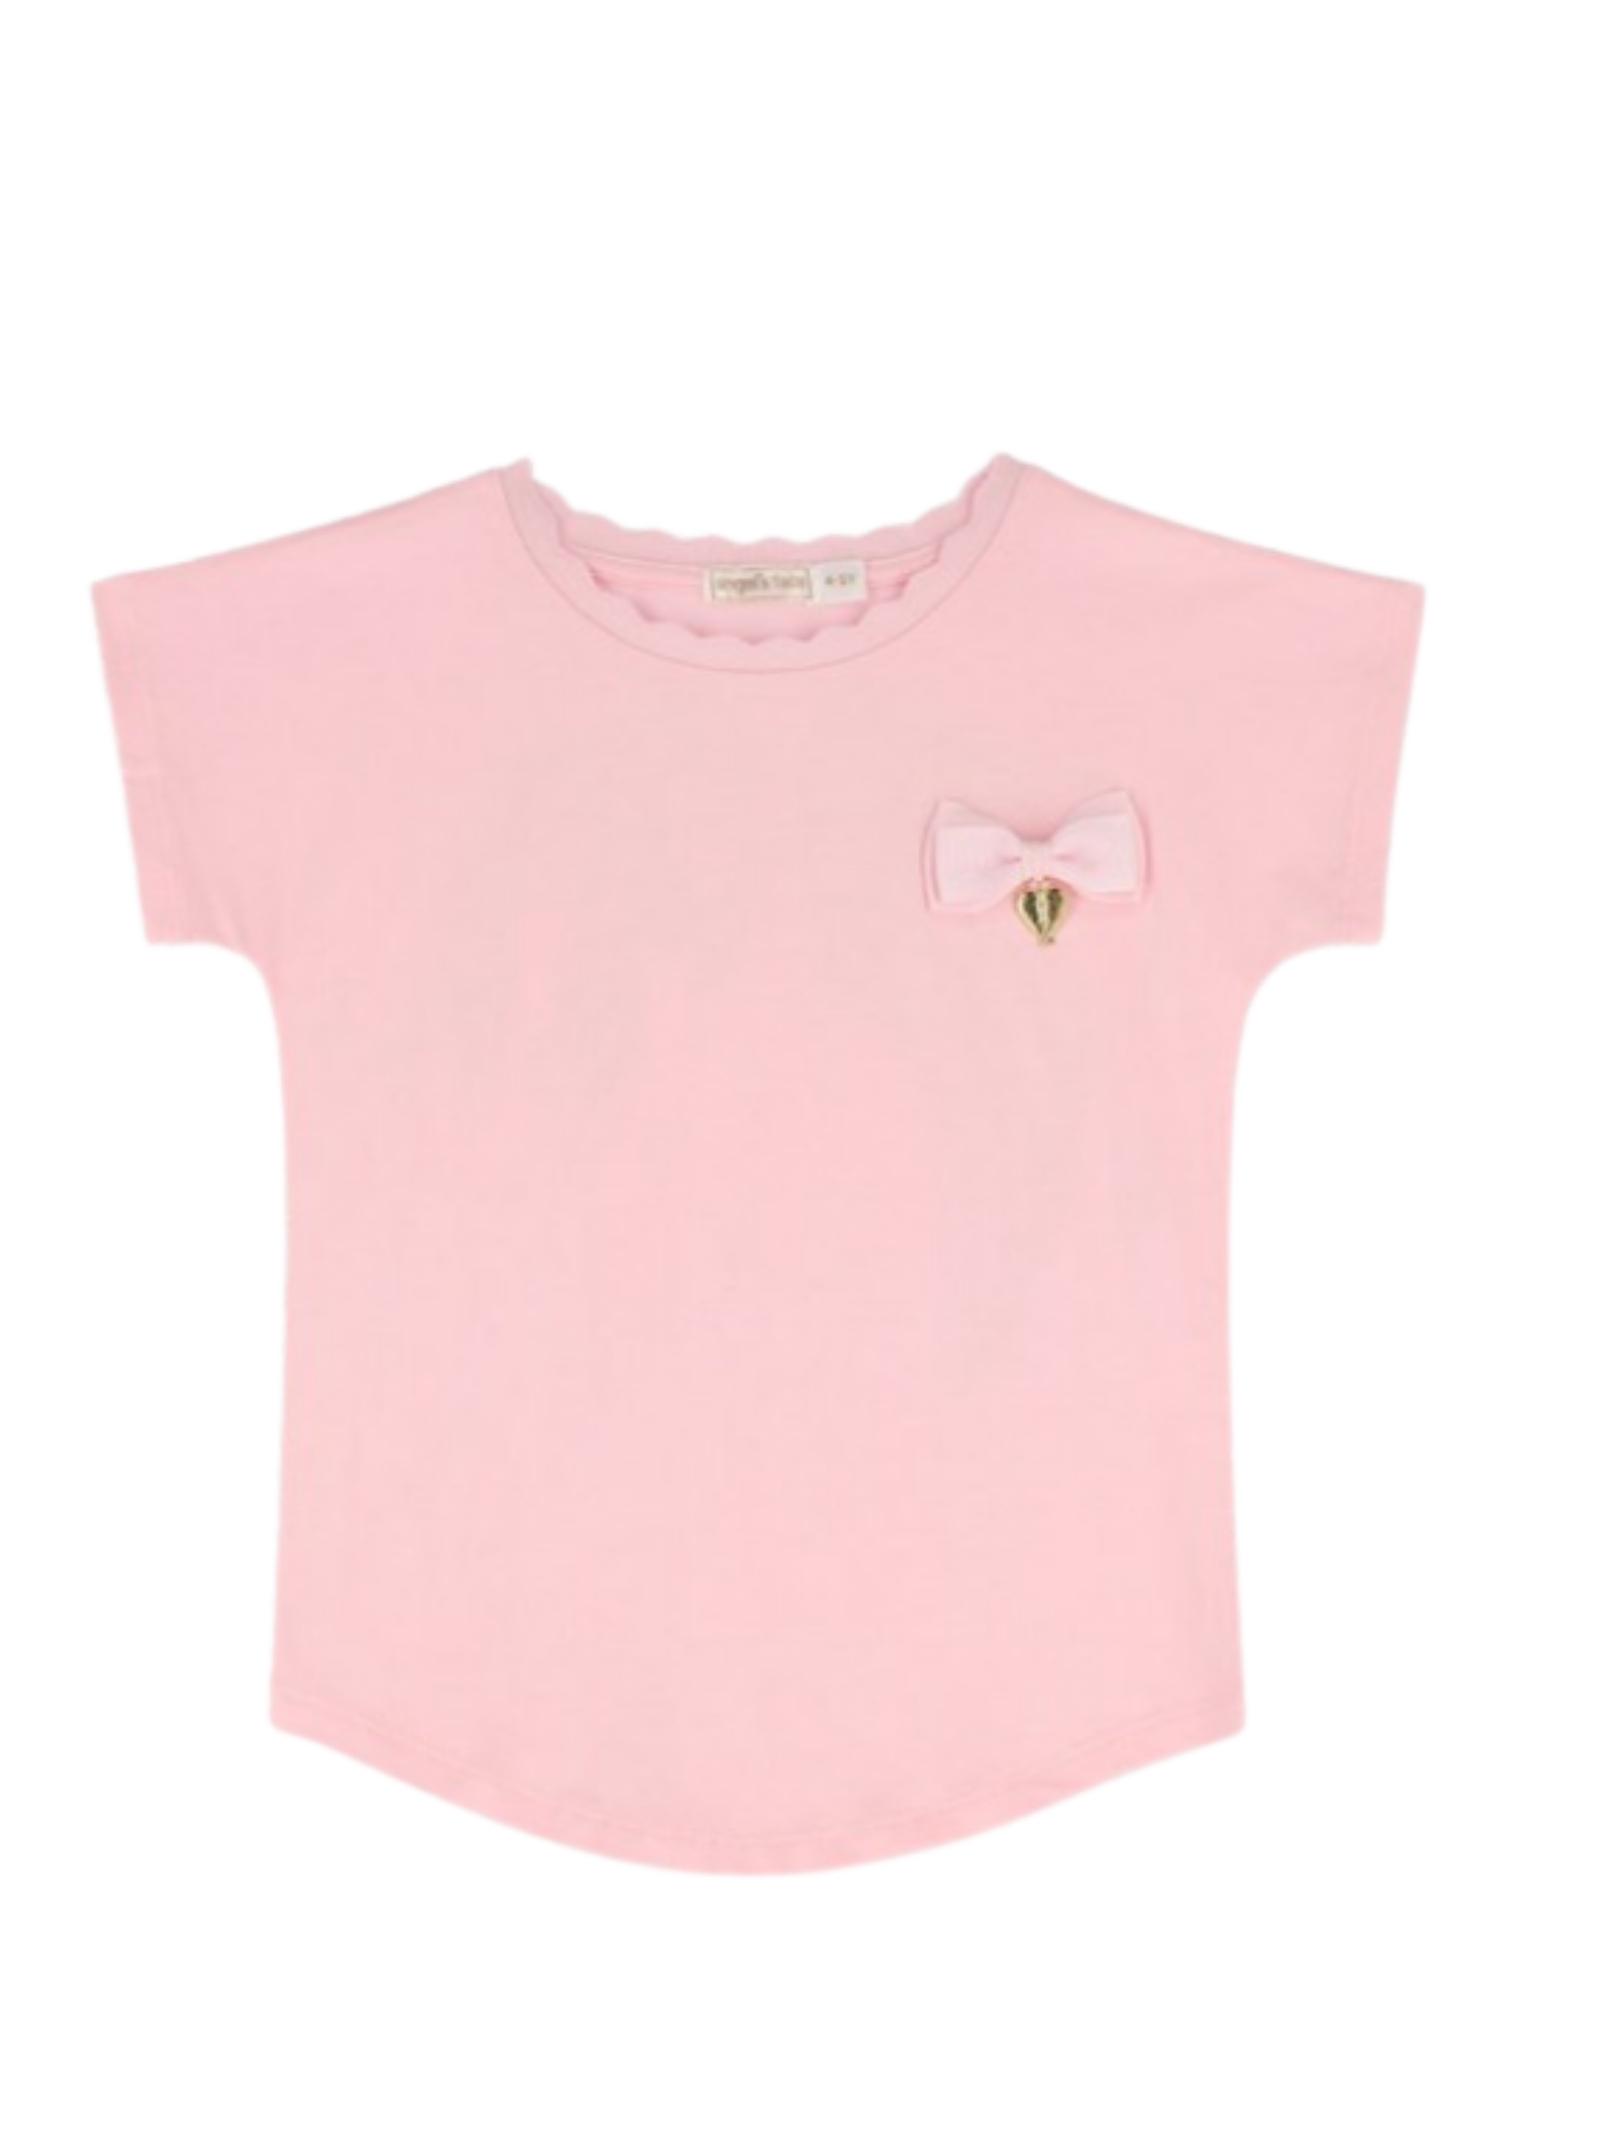 T-shirt Bambina Beverly ANGEL'S FACE | T-shirt | BEVERLYFAIRY PINK